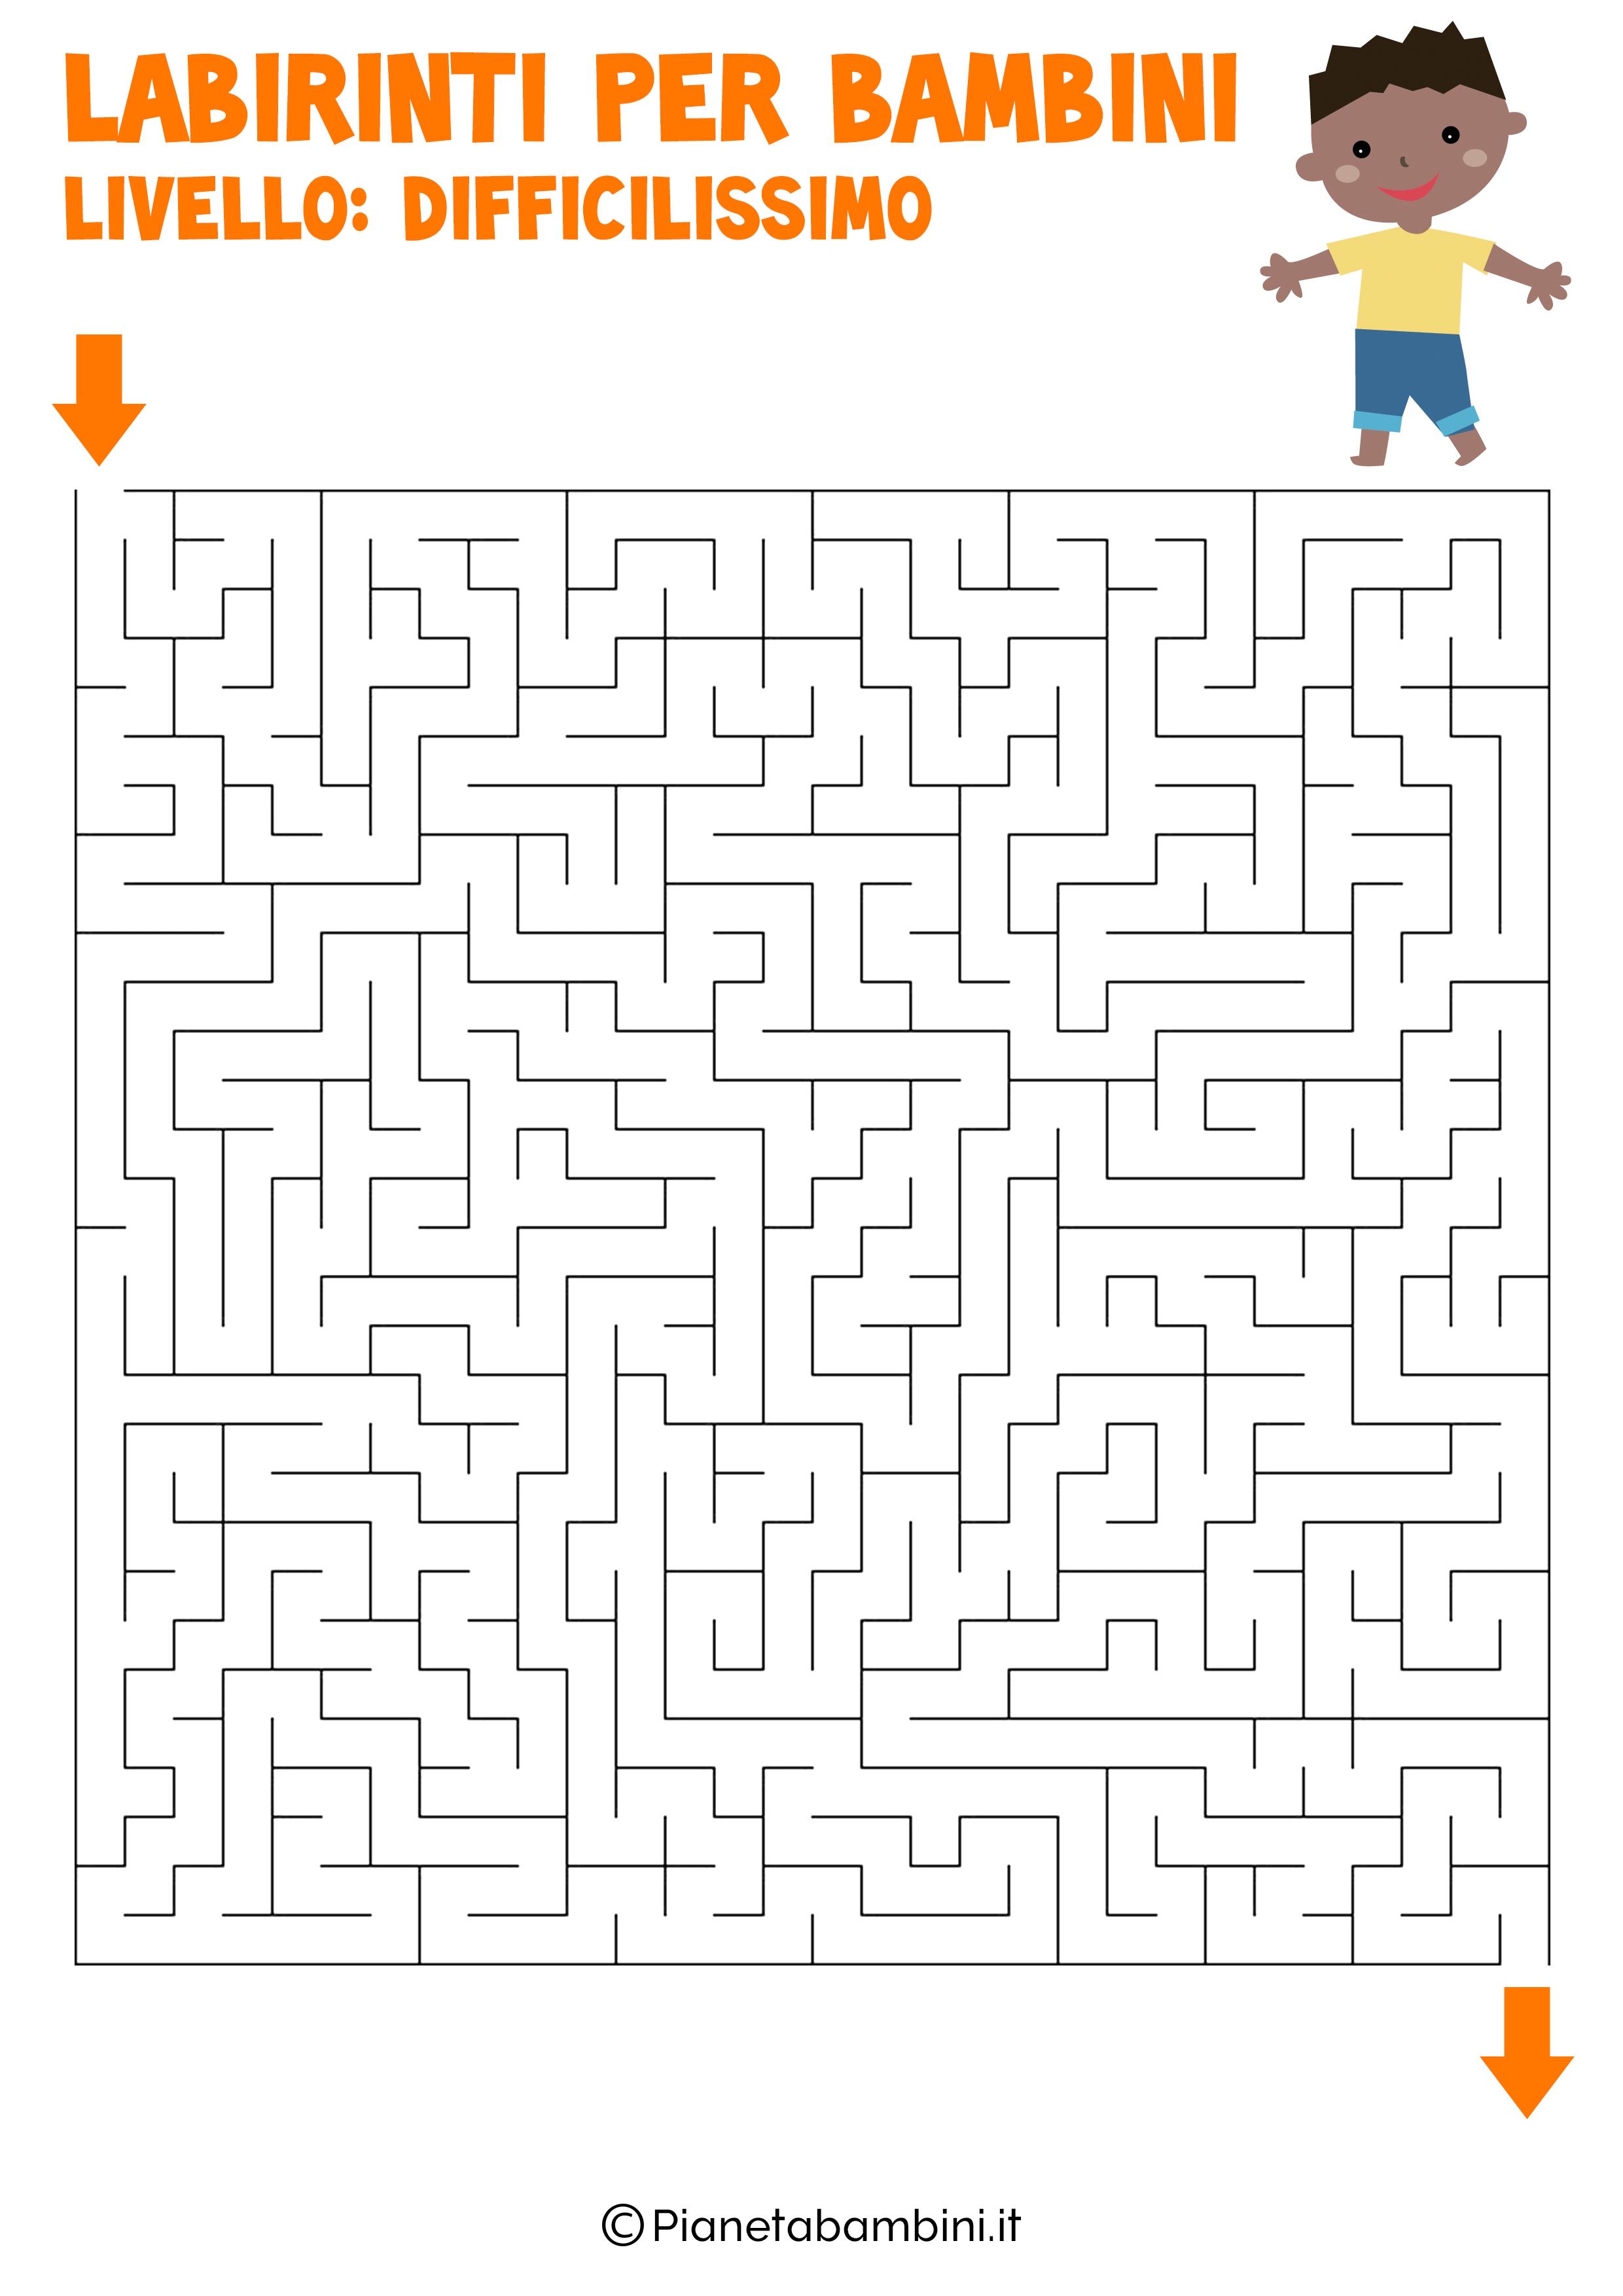 Labirinti-Difficilissimi-Bambini-06